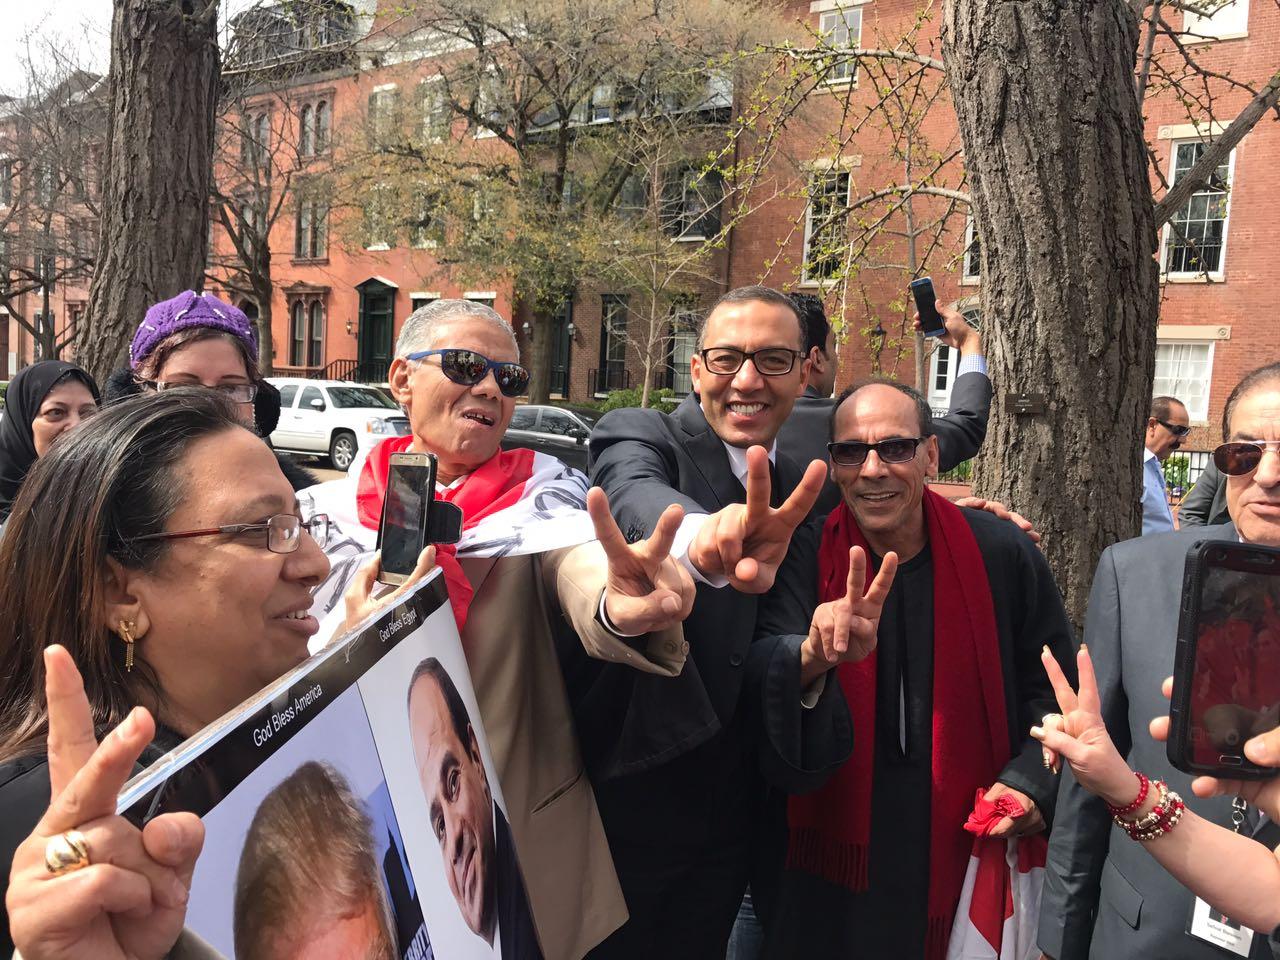 المصريين يرفعون علامة النصر أمام البيت الأبيض